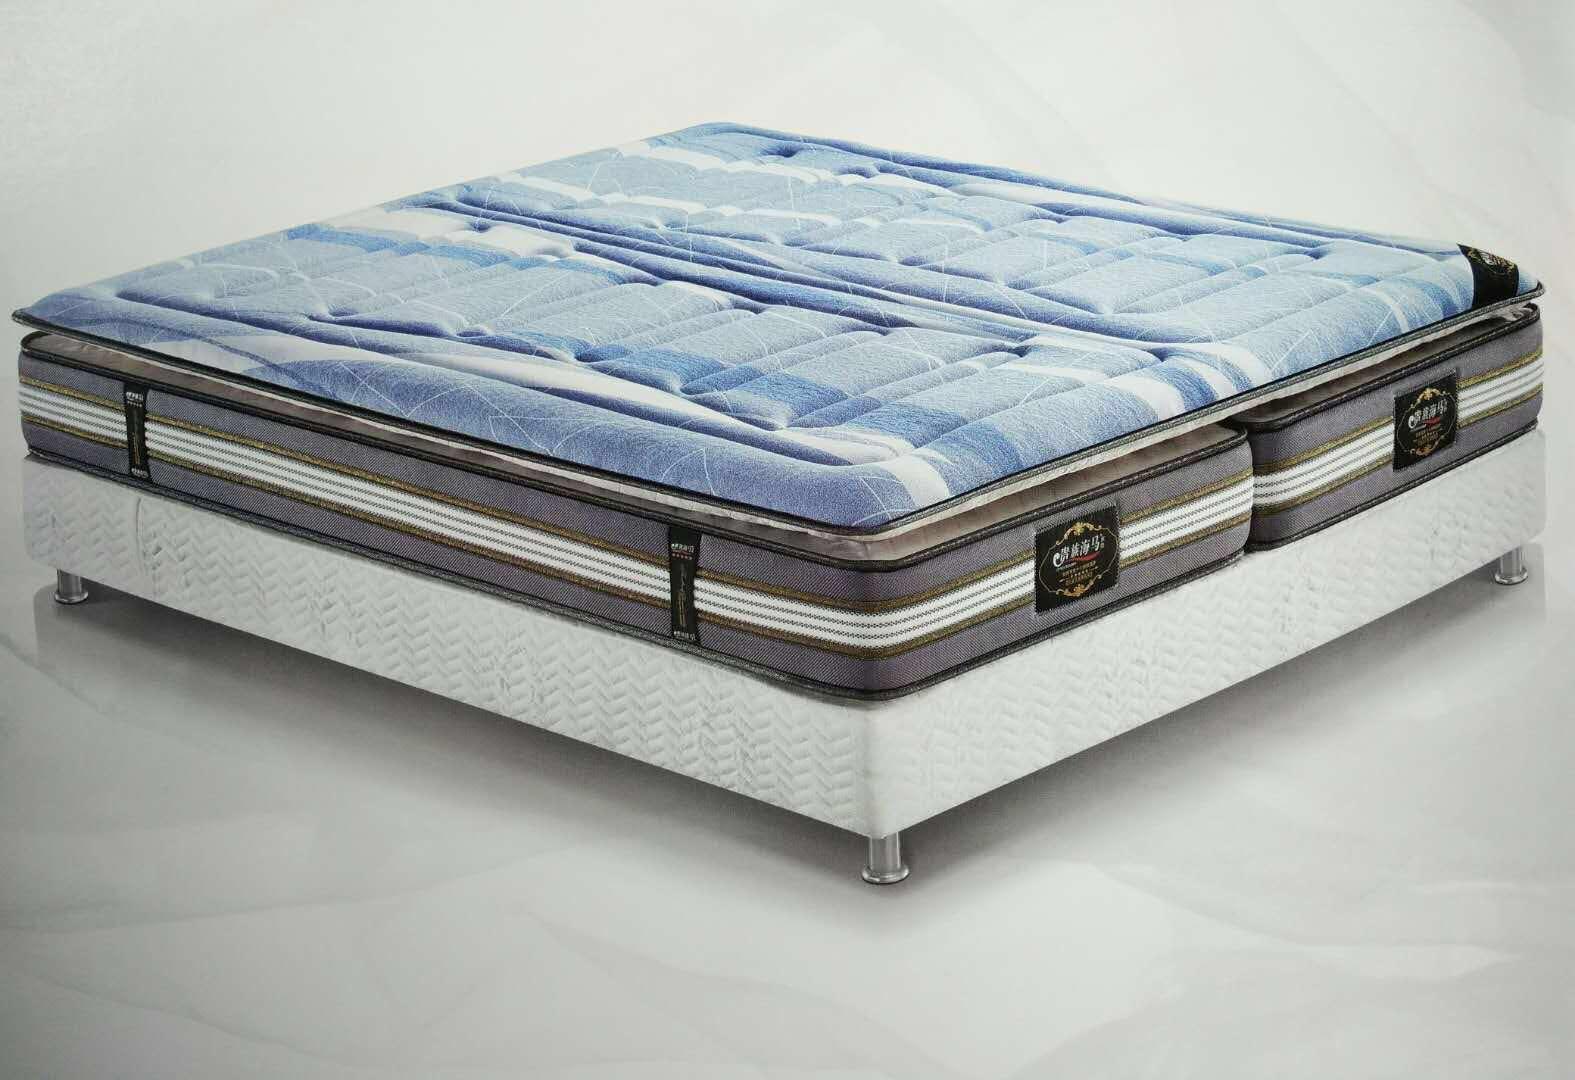 出租房床垫价格-东莞高性价出租房床垫要到哪买